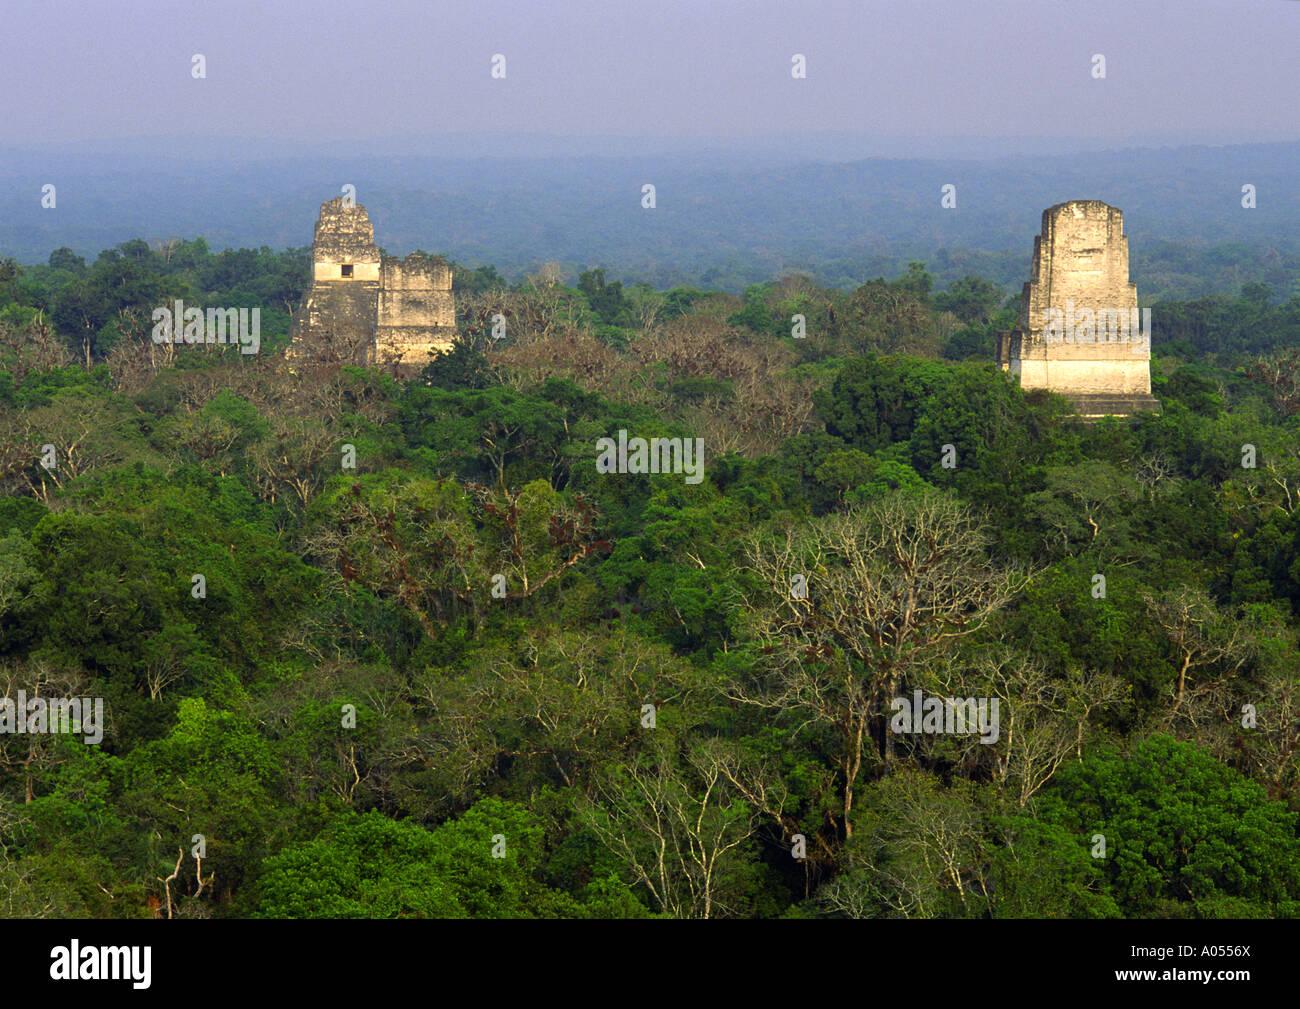 Temples I, II, and III, Tikal, El Petén, Guatemala - Stock Image